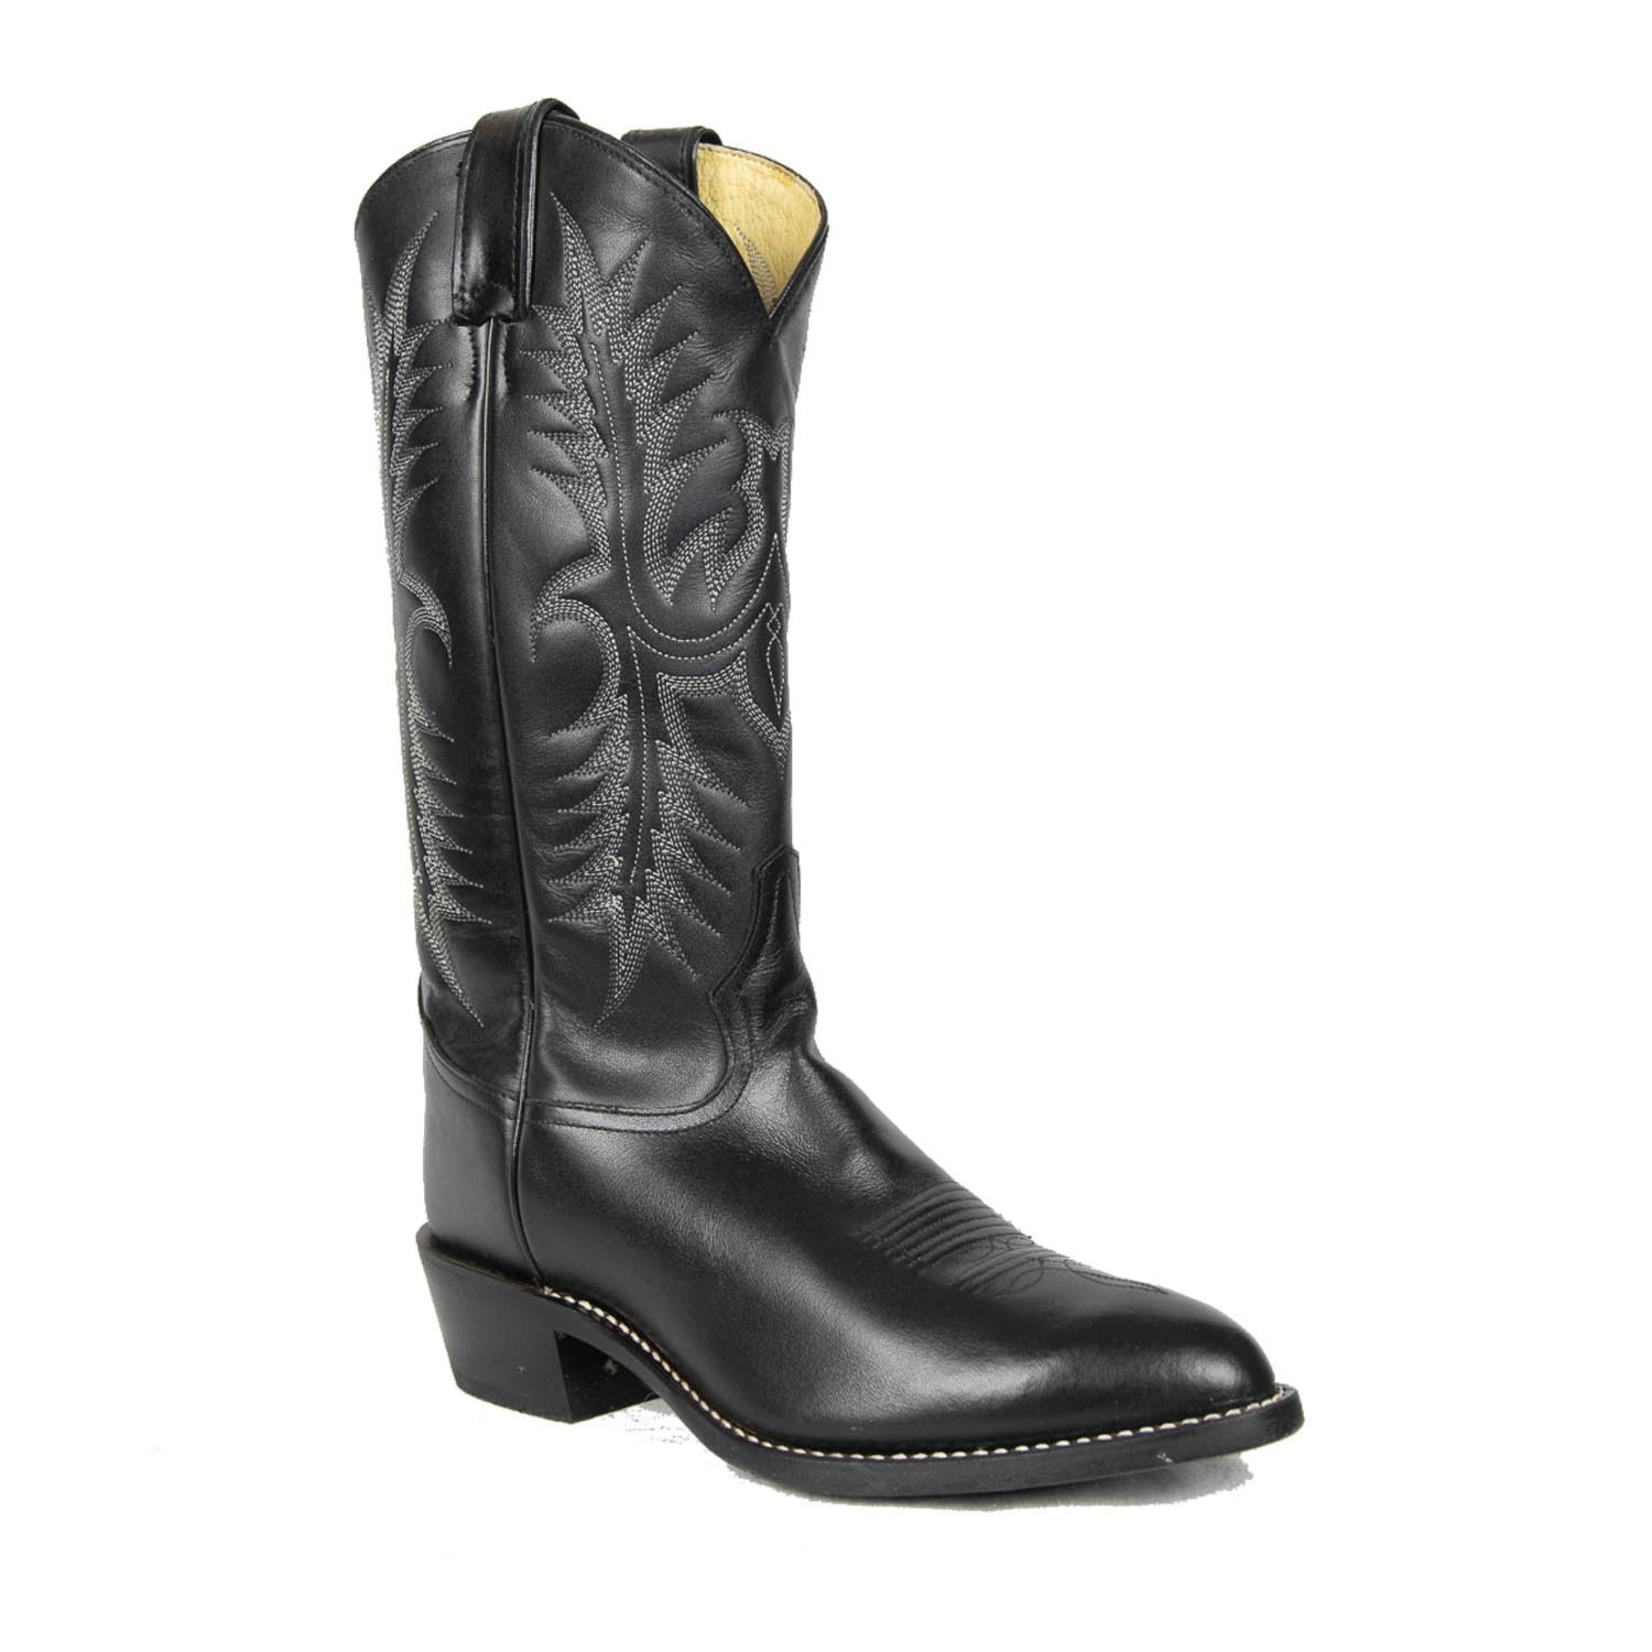 Tony Lama Tony Lama Men's Cowboy Boot VM2993 2E